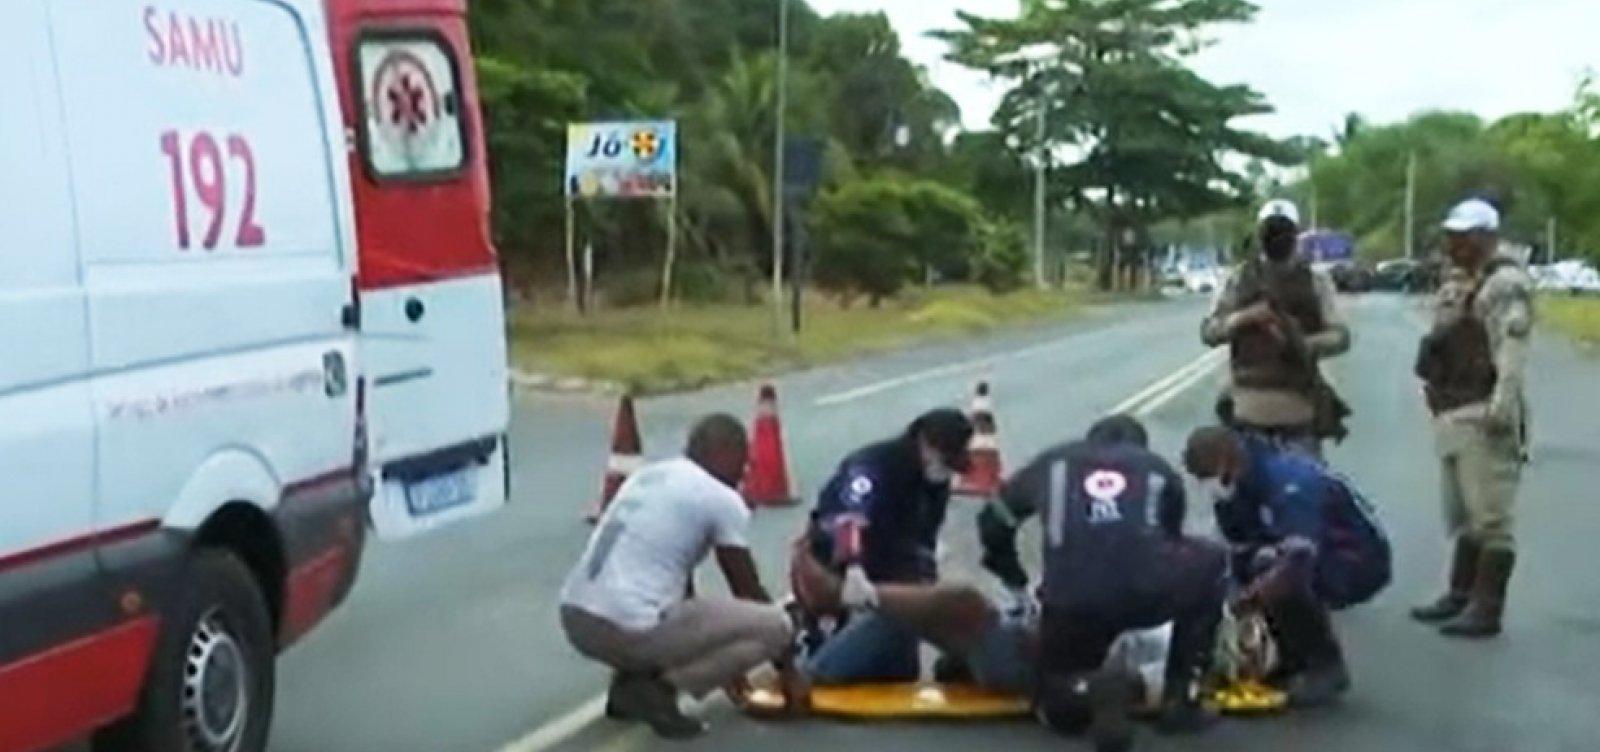 Motociclista fica ferido em acidente na Estrada do Derba